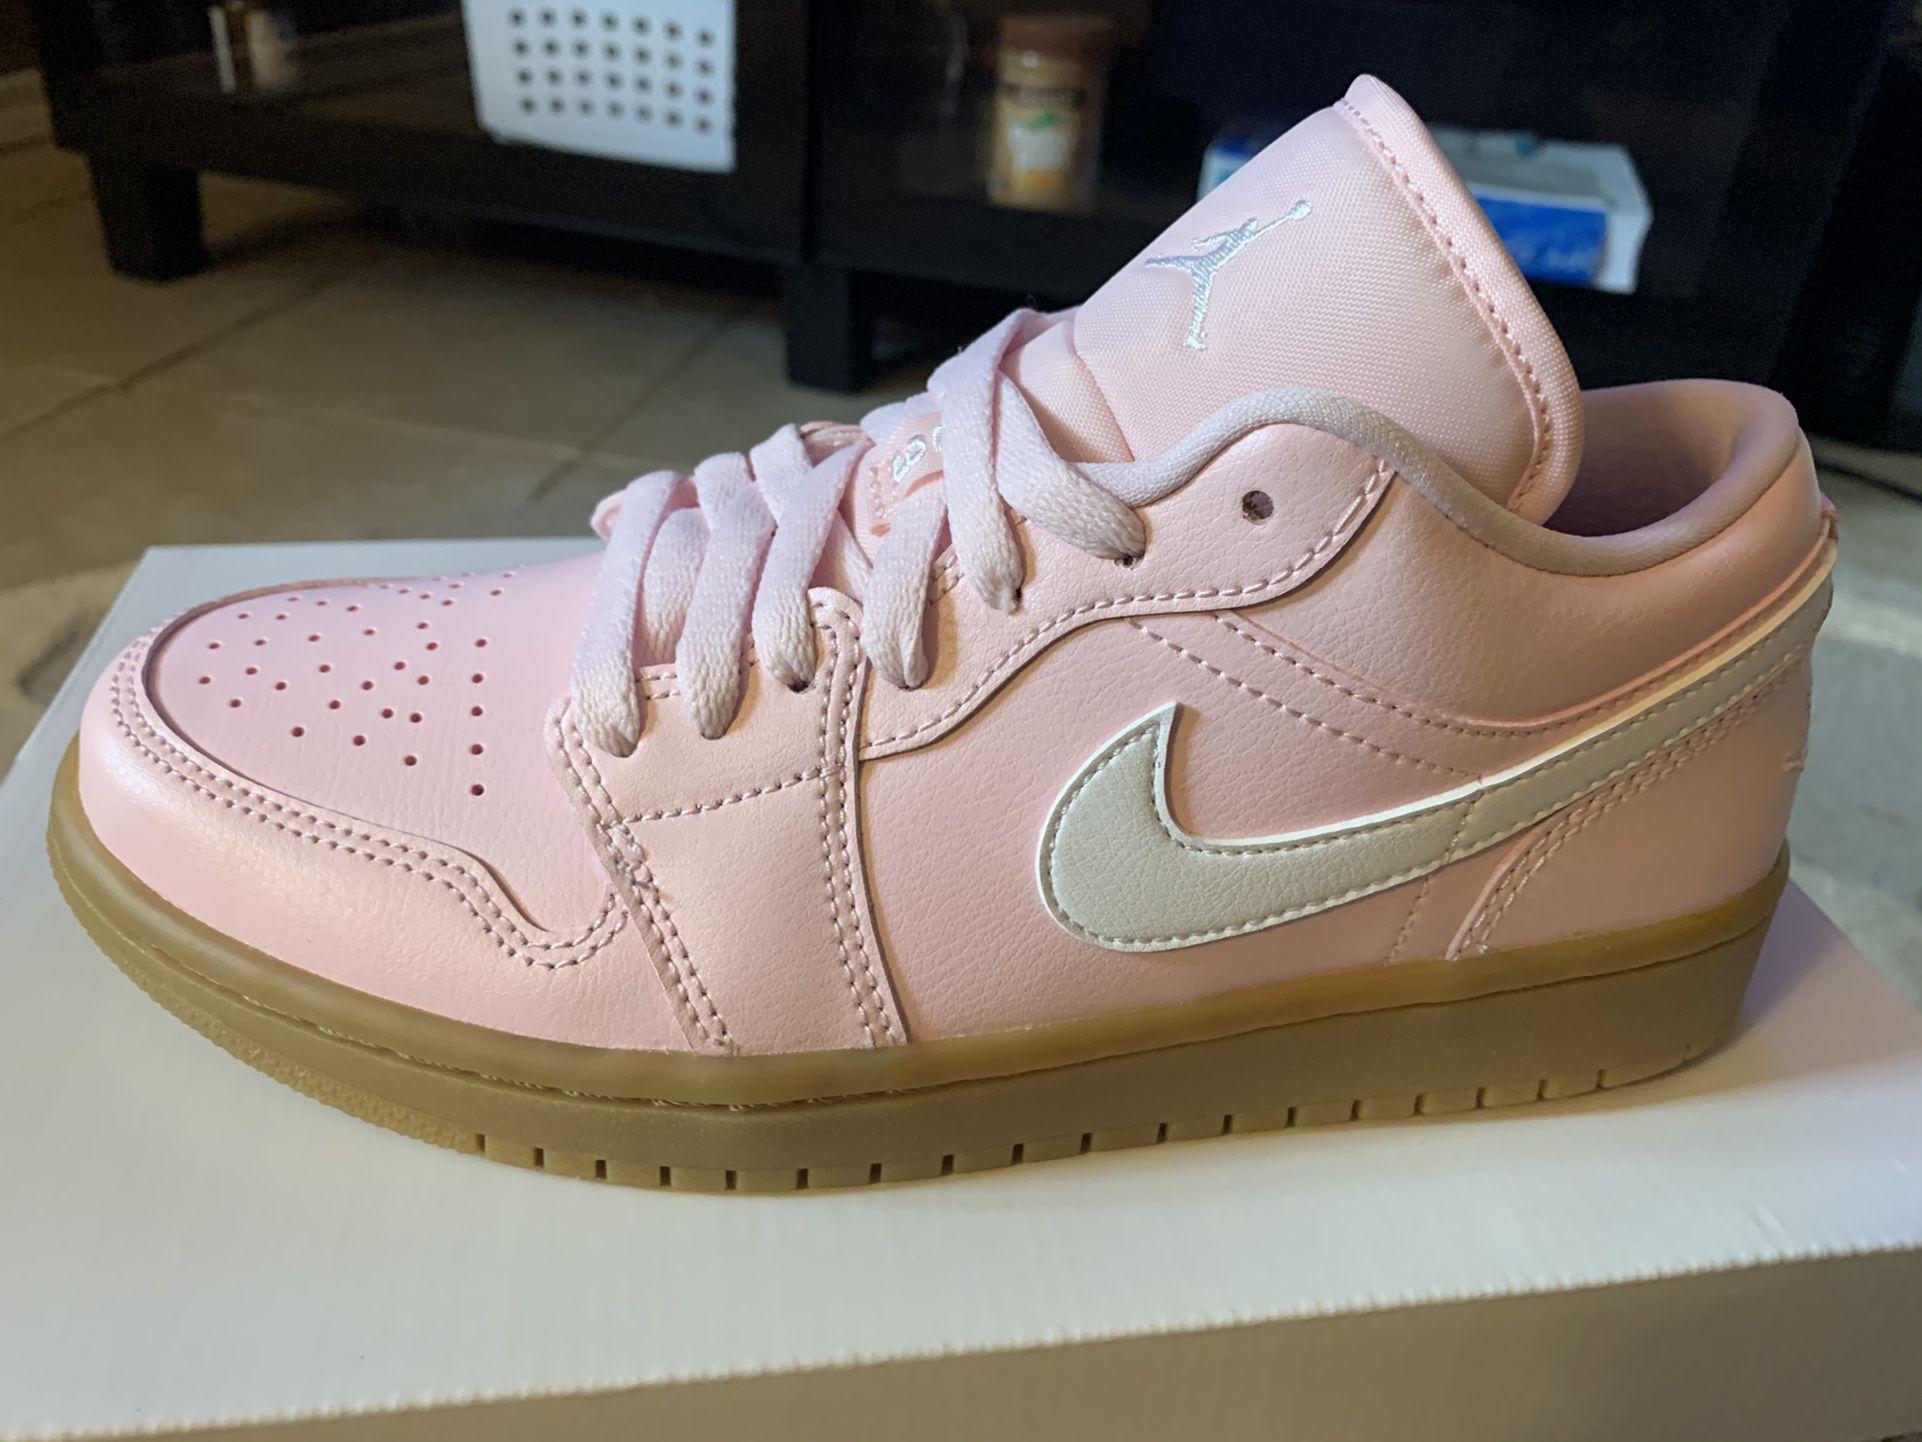 Jordan 1 Low Soft Pink / Sz 6.5y / New!!!